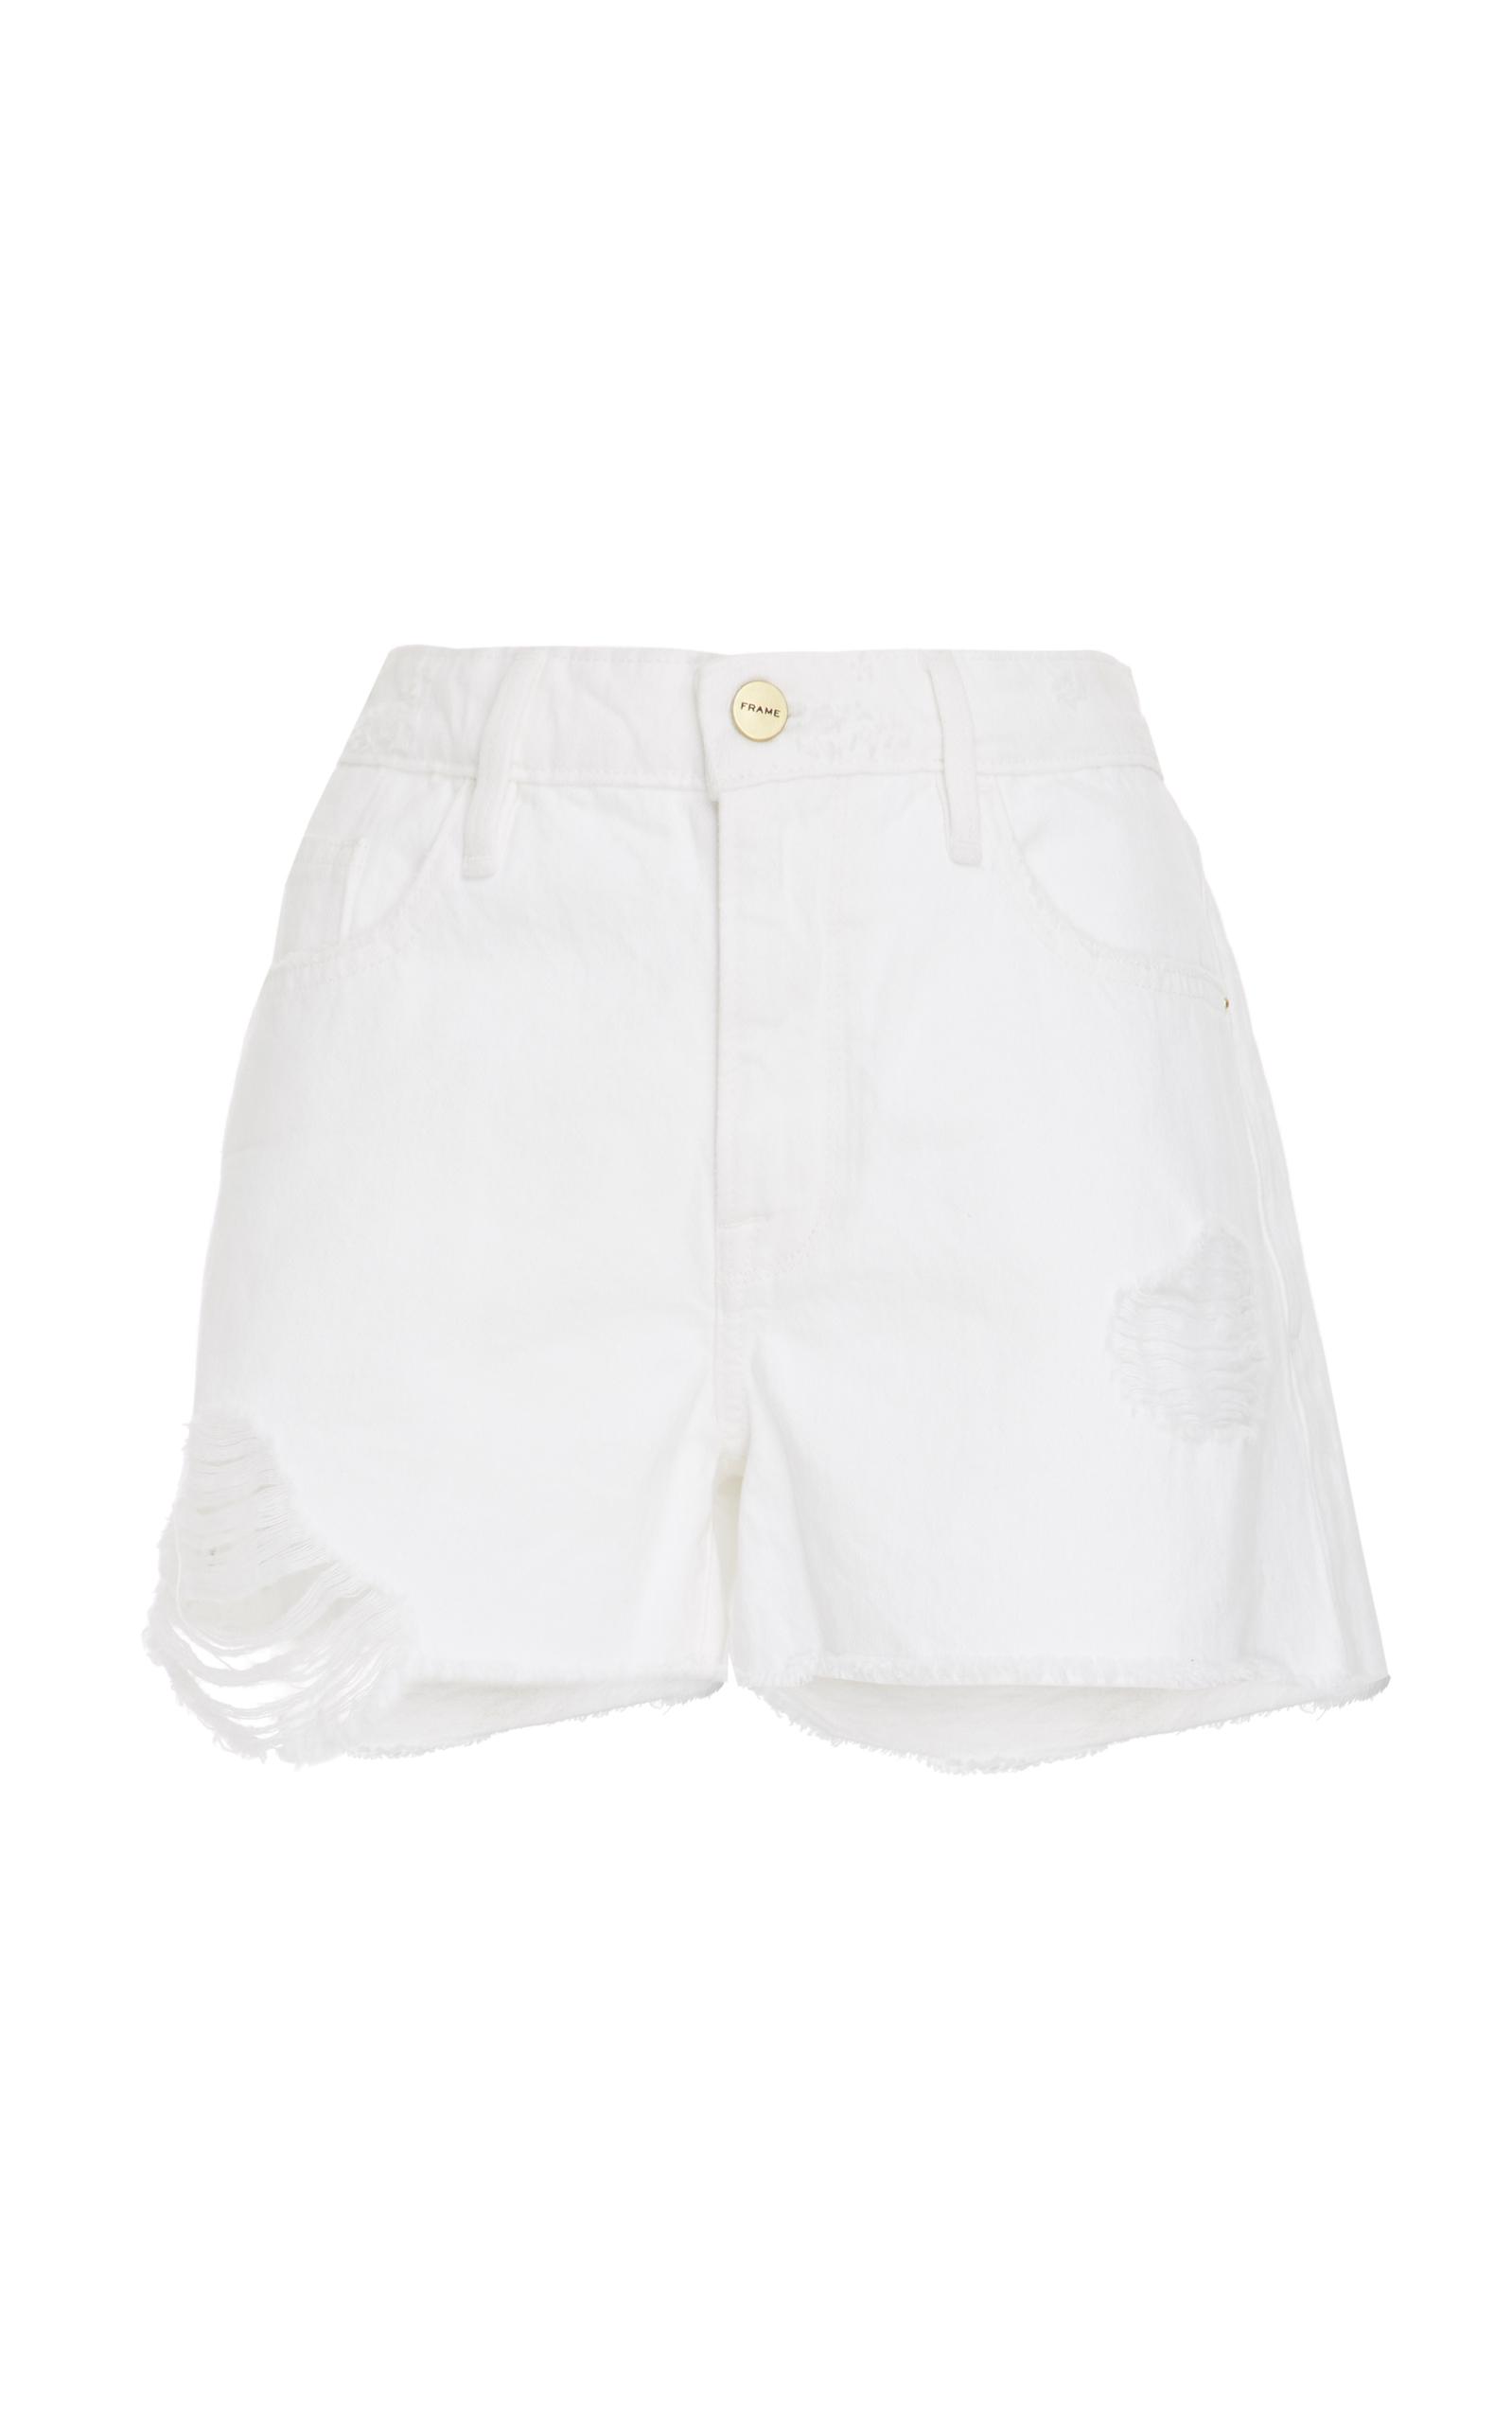 Le Grand Garcon High-Rise Denim Shorts, White